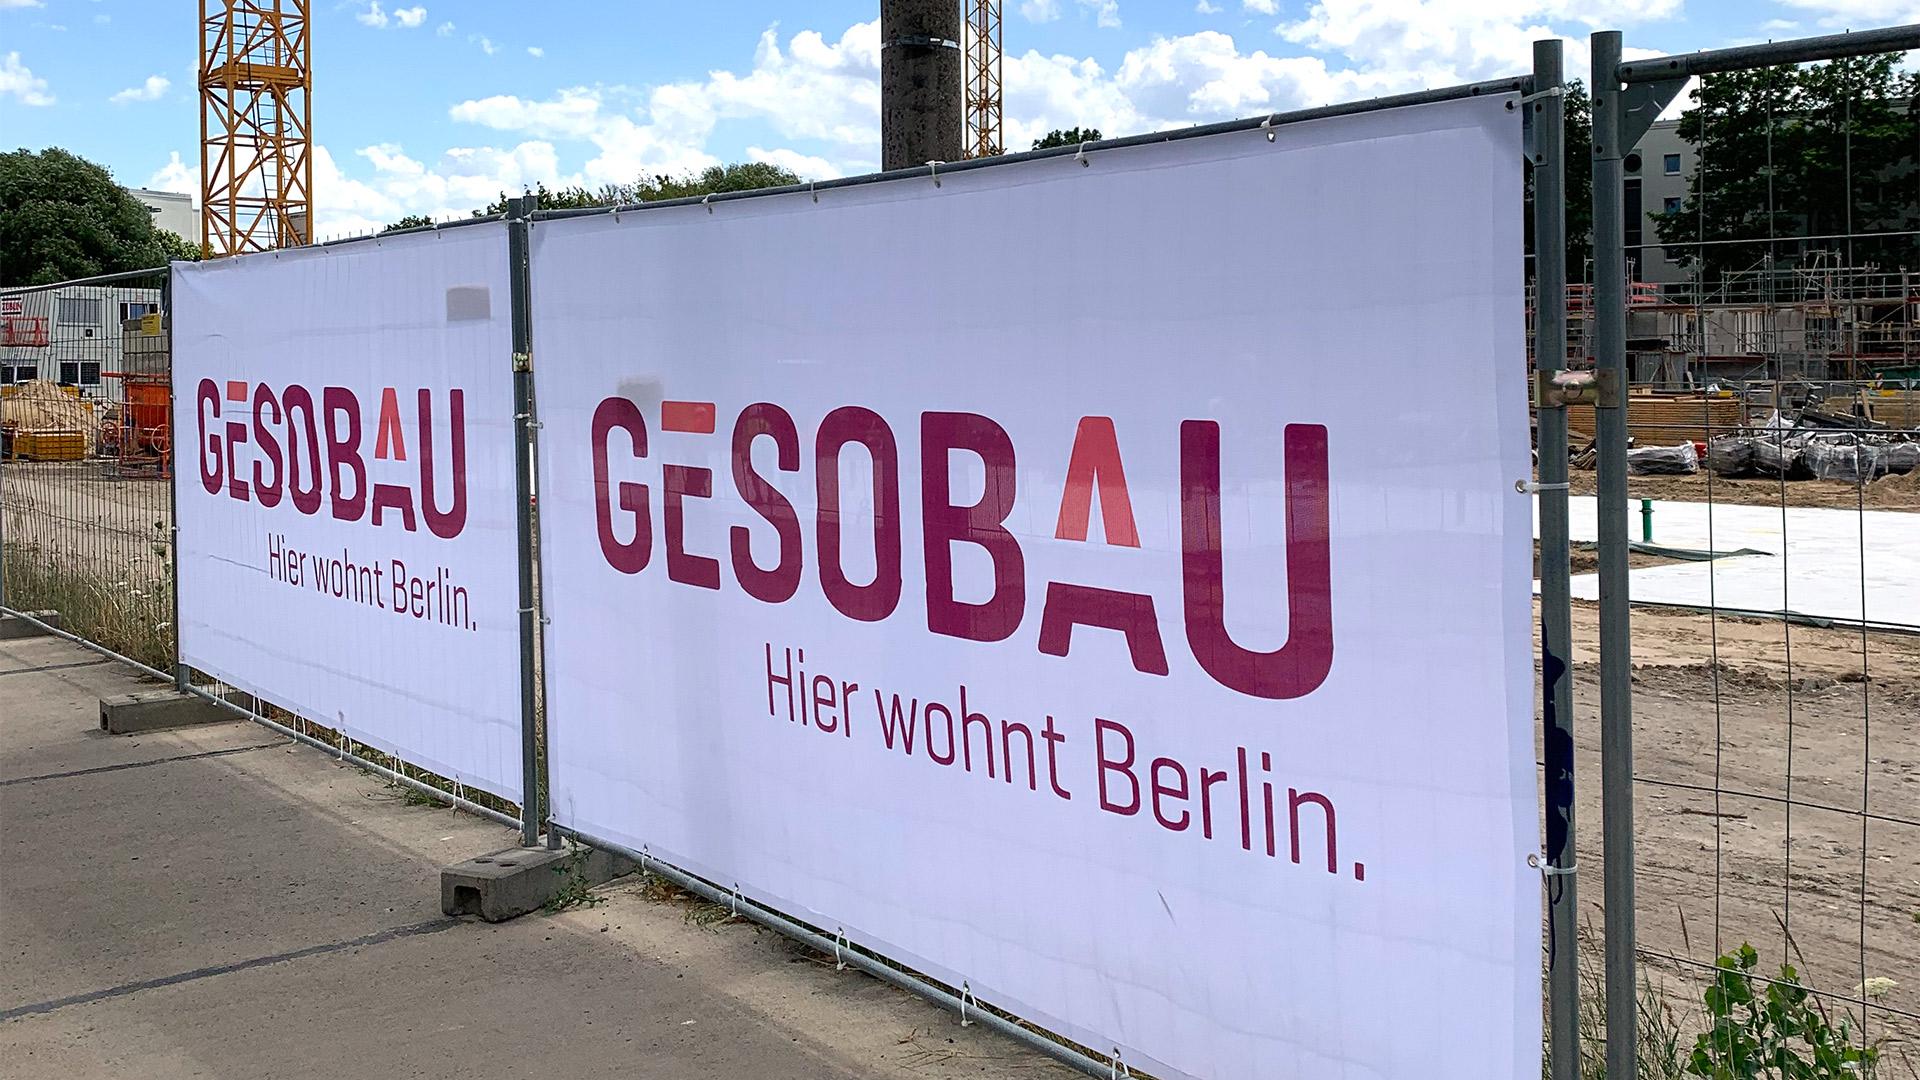 GESO-Bauzaun-Netz-Matti-Michalke-Berlin-Brandenburg-Aussenwerbung-Innenwerbung-Banner-Planen-Folien-Werbemittel-Druck-Print